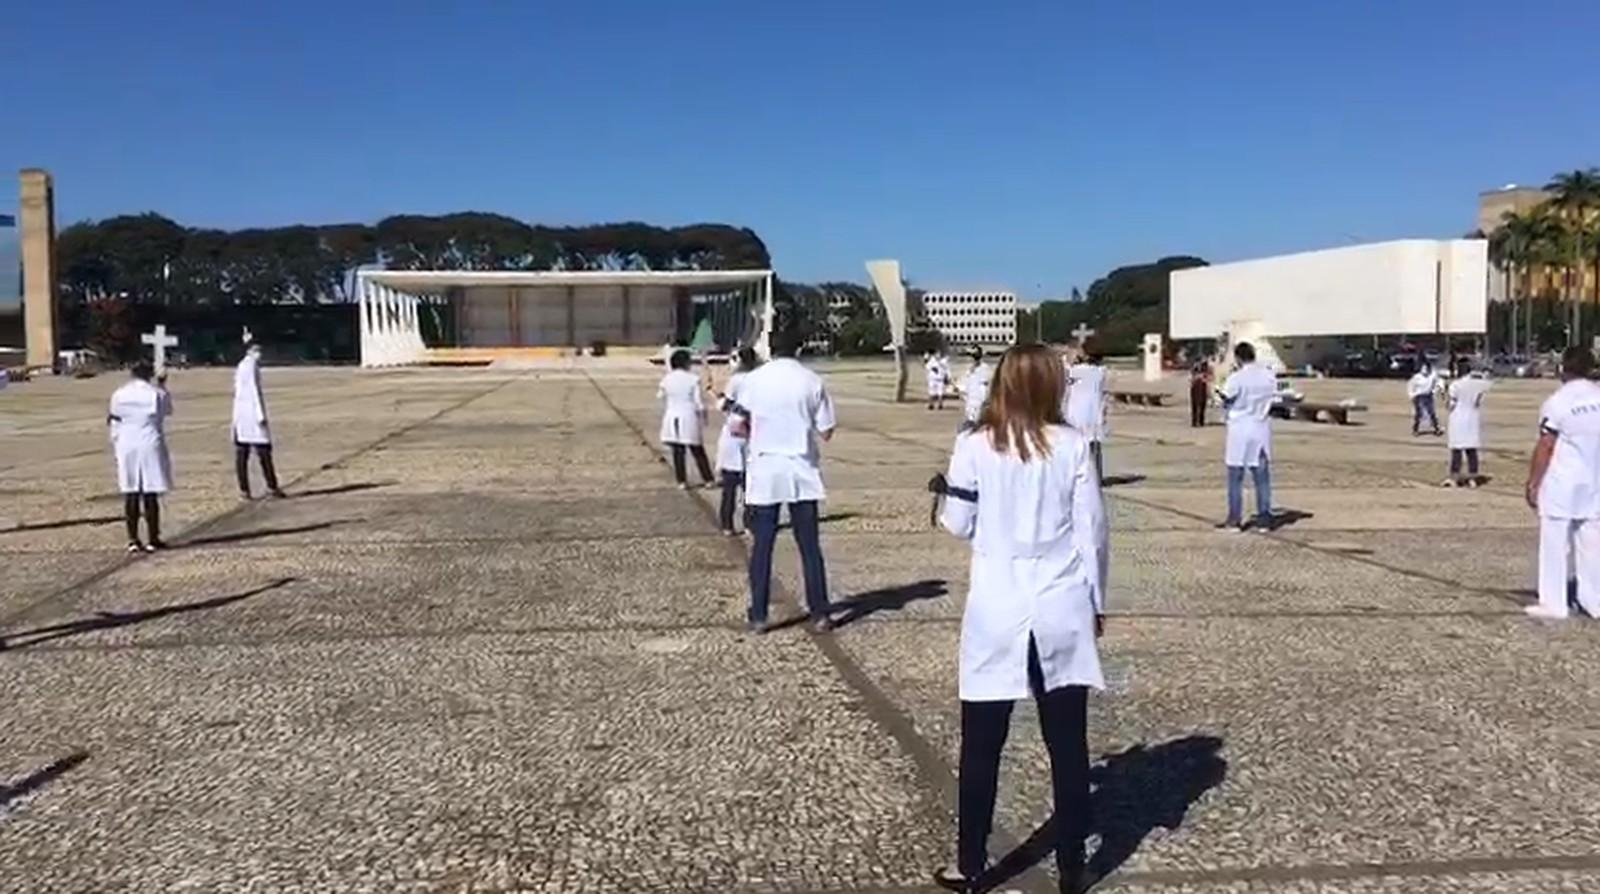 Ao menos 76 profissionais de enfermagem morreram em decorrência da Covid-19 no Brasil, segundo conselho da categoria